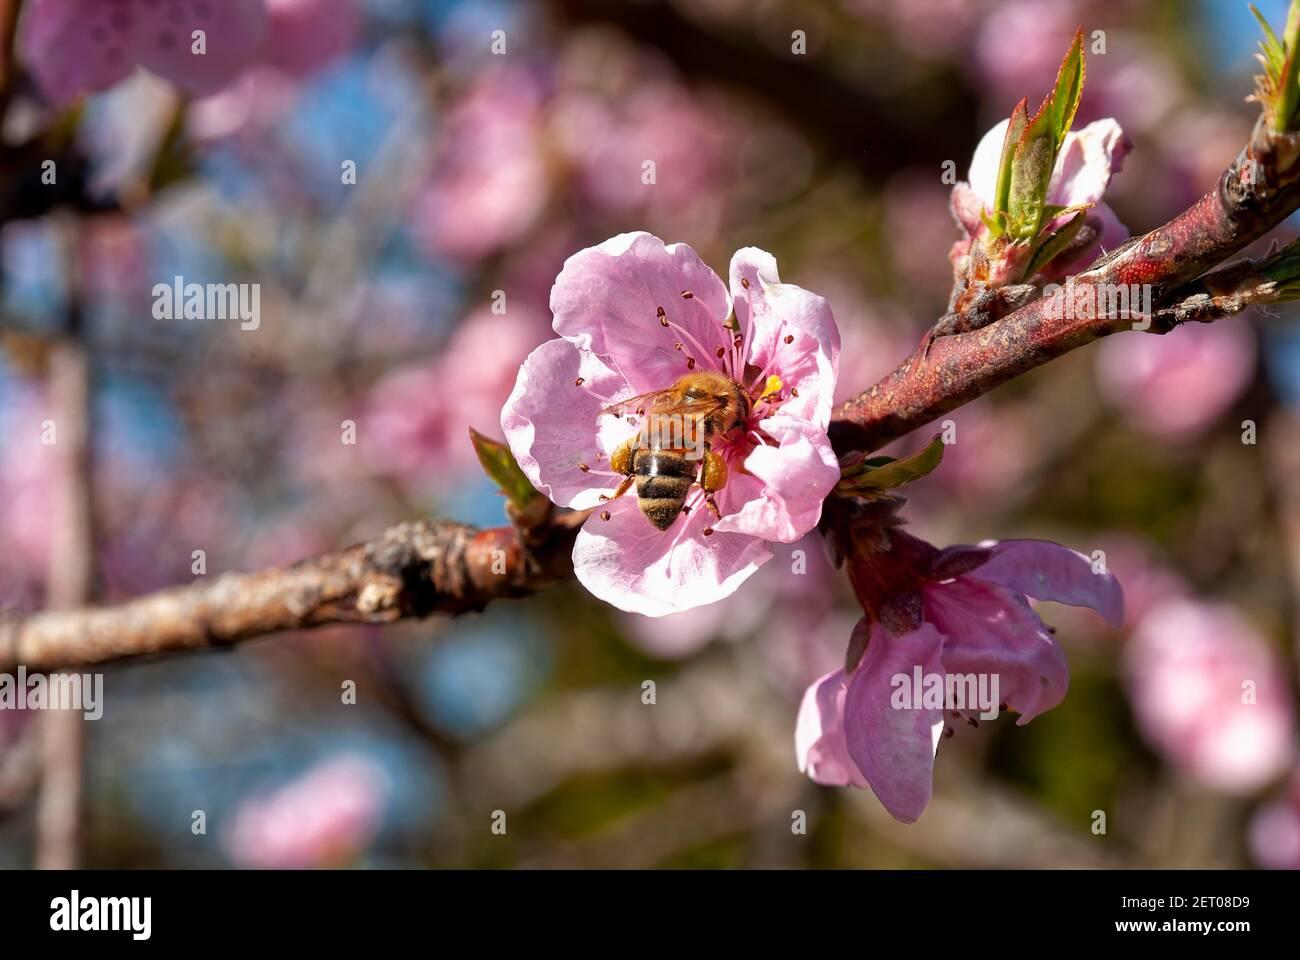 Abeja de miel Carniolan en funcionamiento (Apis mellifera carnica), flor de melocotón. Foto de stock